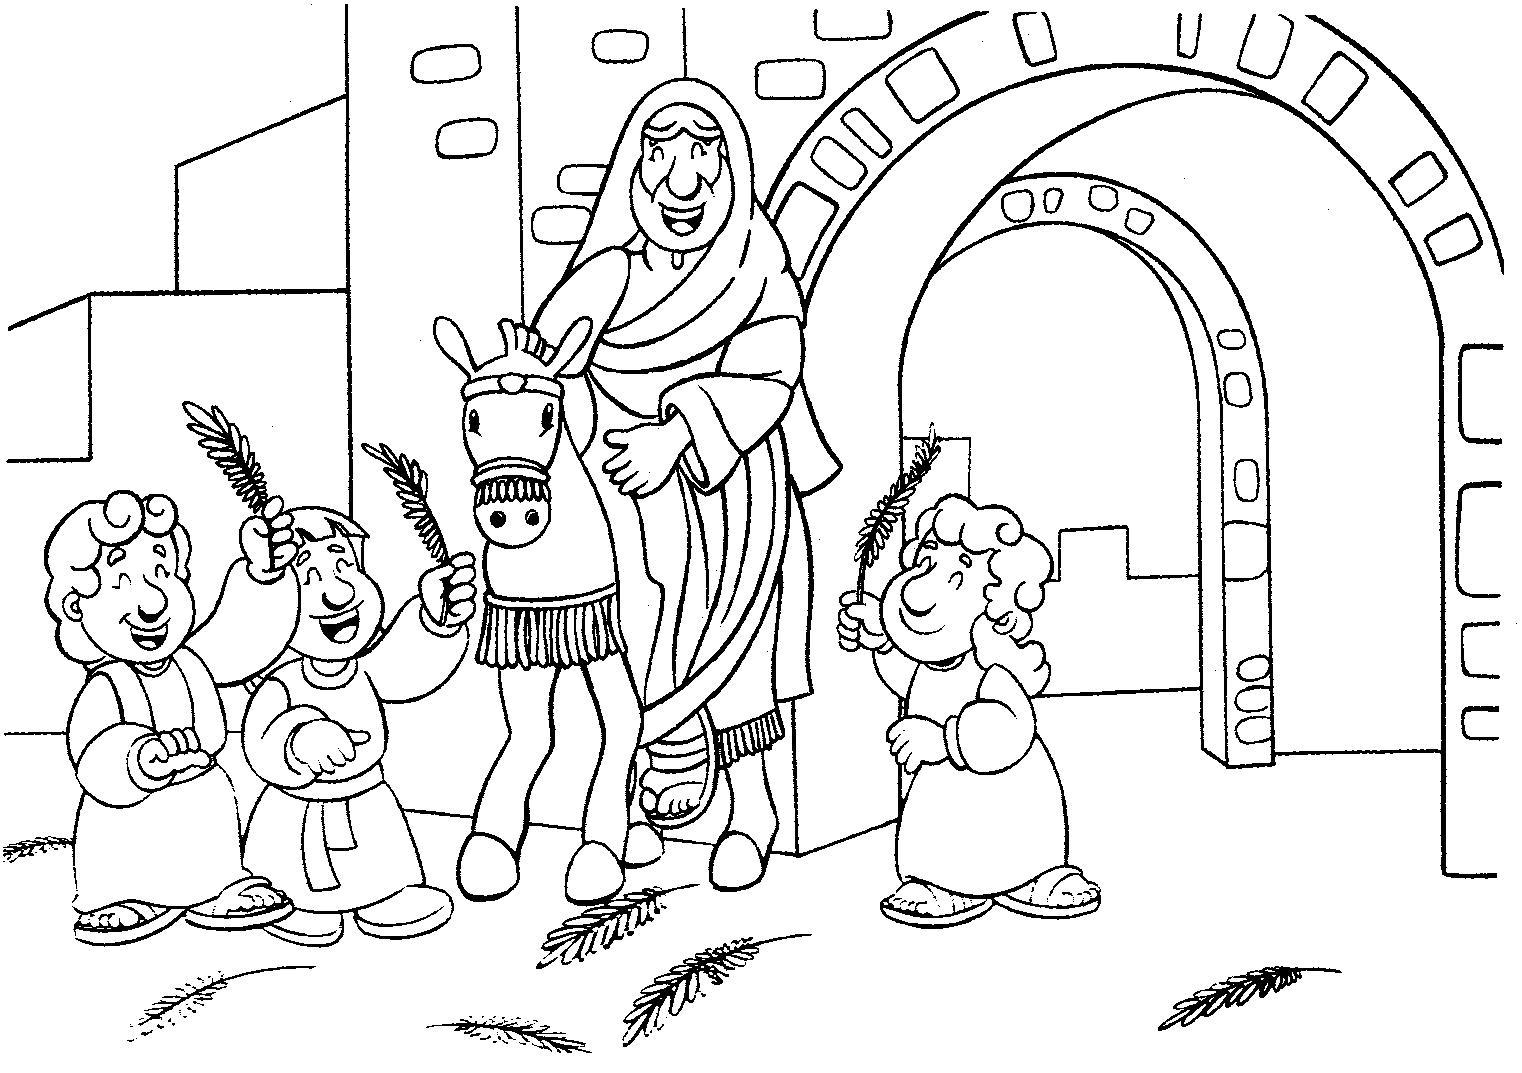 Dibujos Colorear Semana Santa Infantil: Dibujo De La Semana Santa Para Colorear